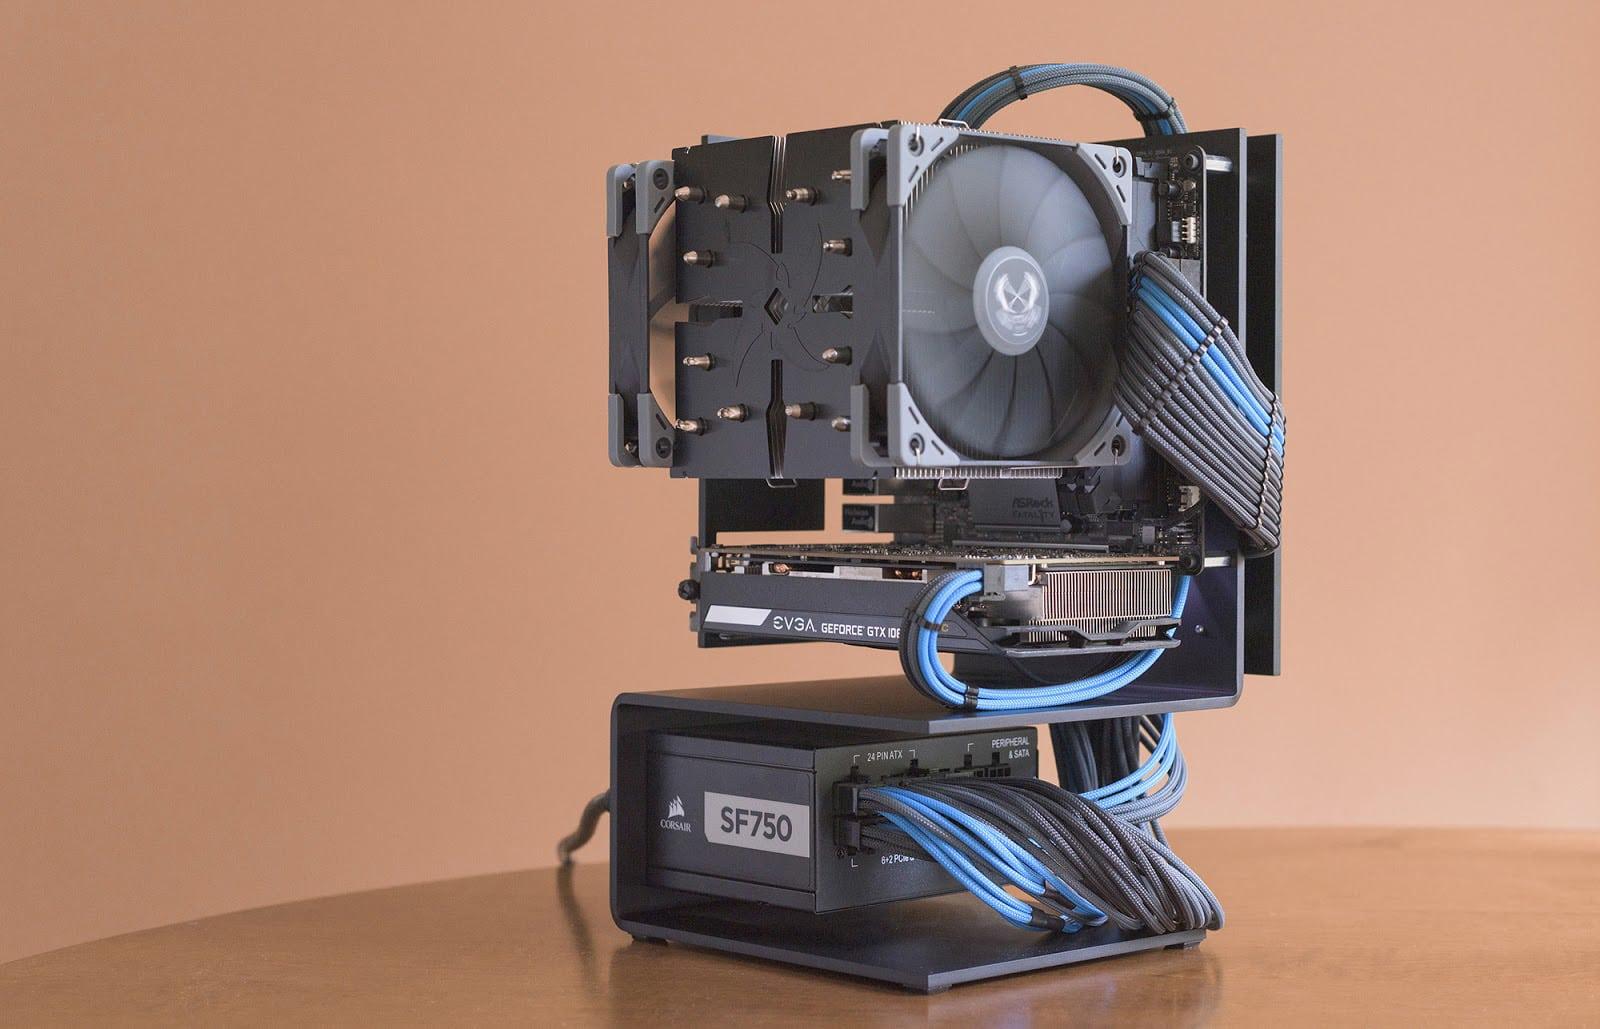 The weird modern art version of a PC case, in a good way.